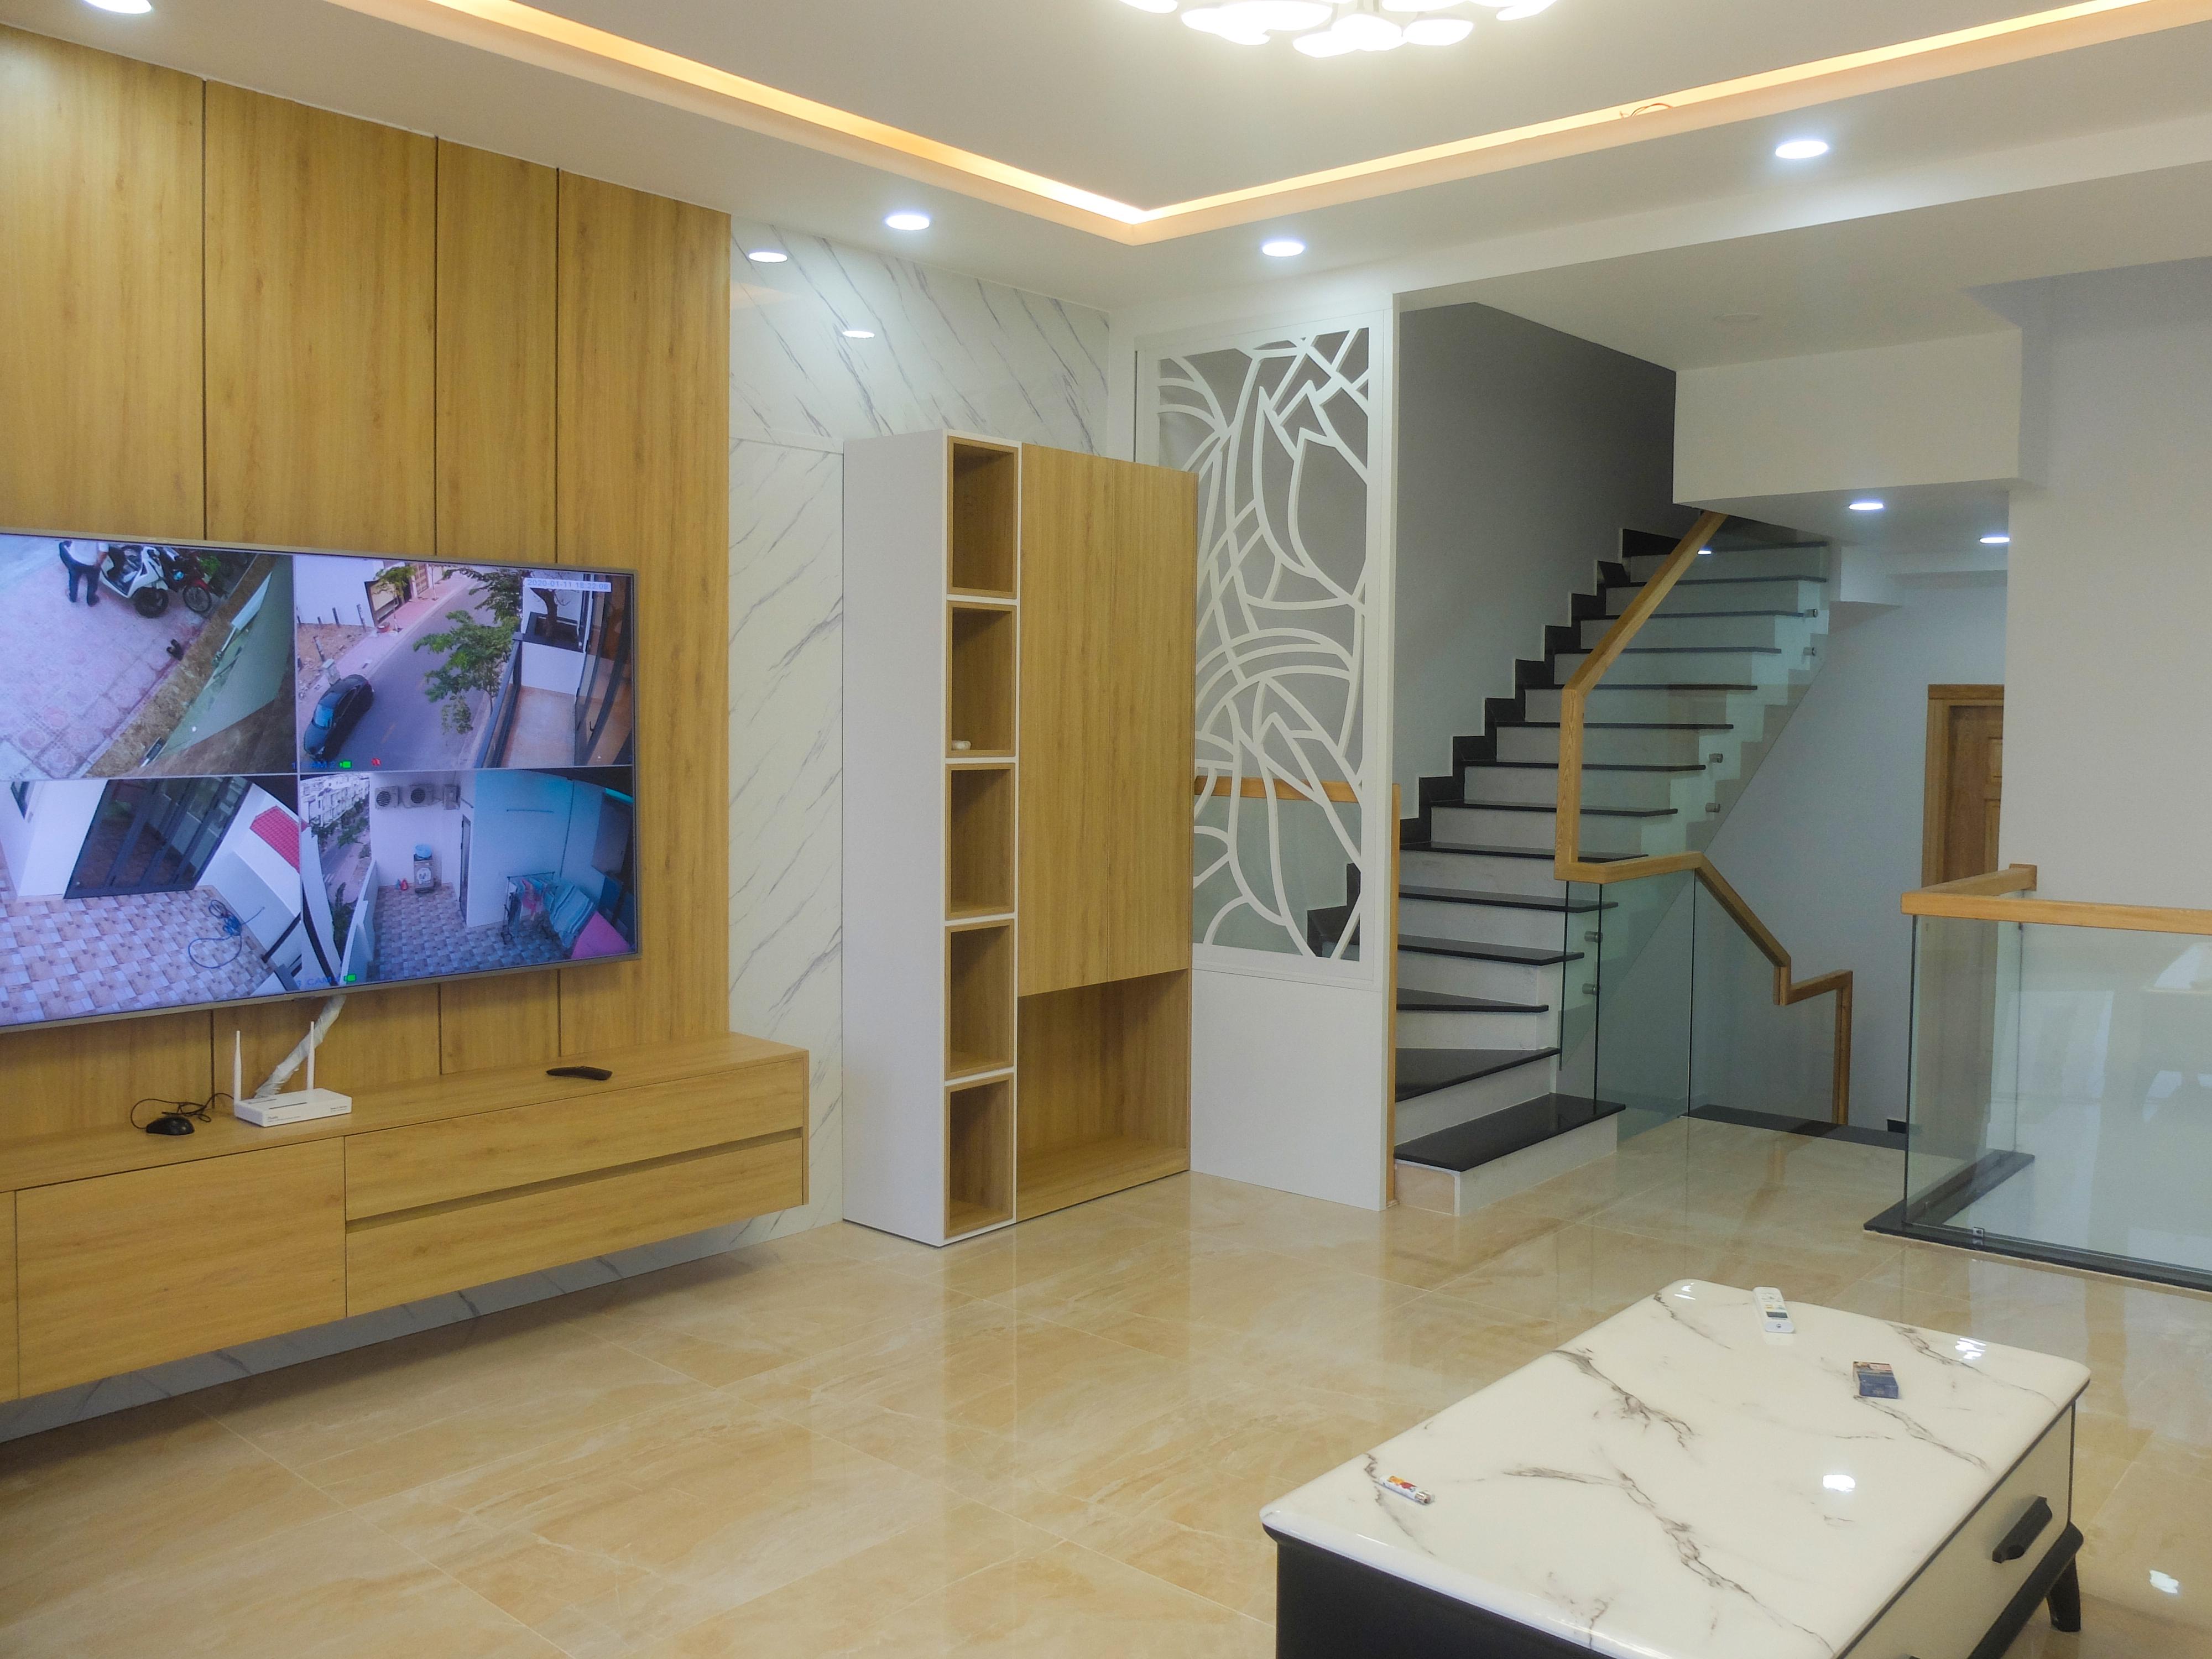 Thiết kế Nhà Mặt Phố tại Khánh Hòa SMALL HOUSE 1580877049 12